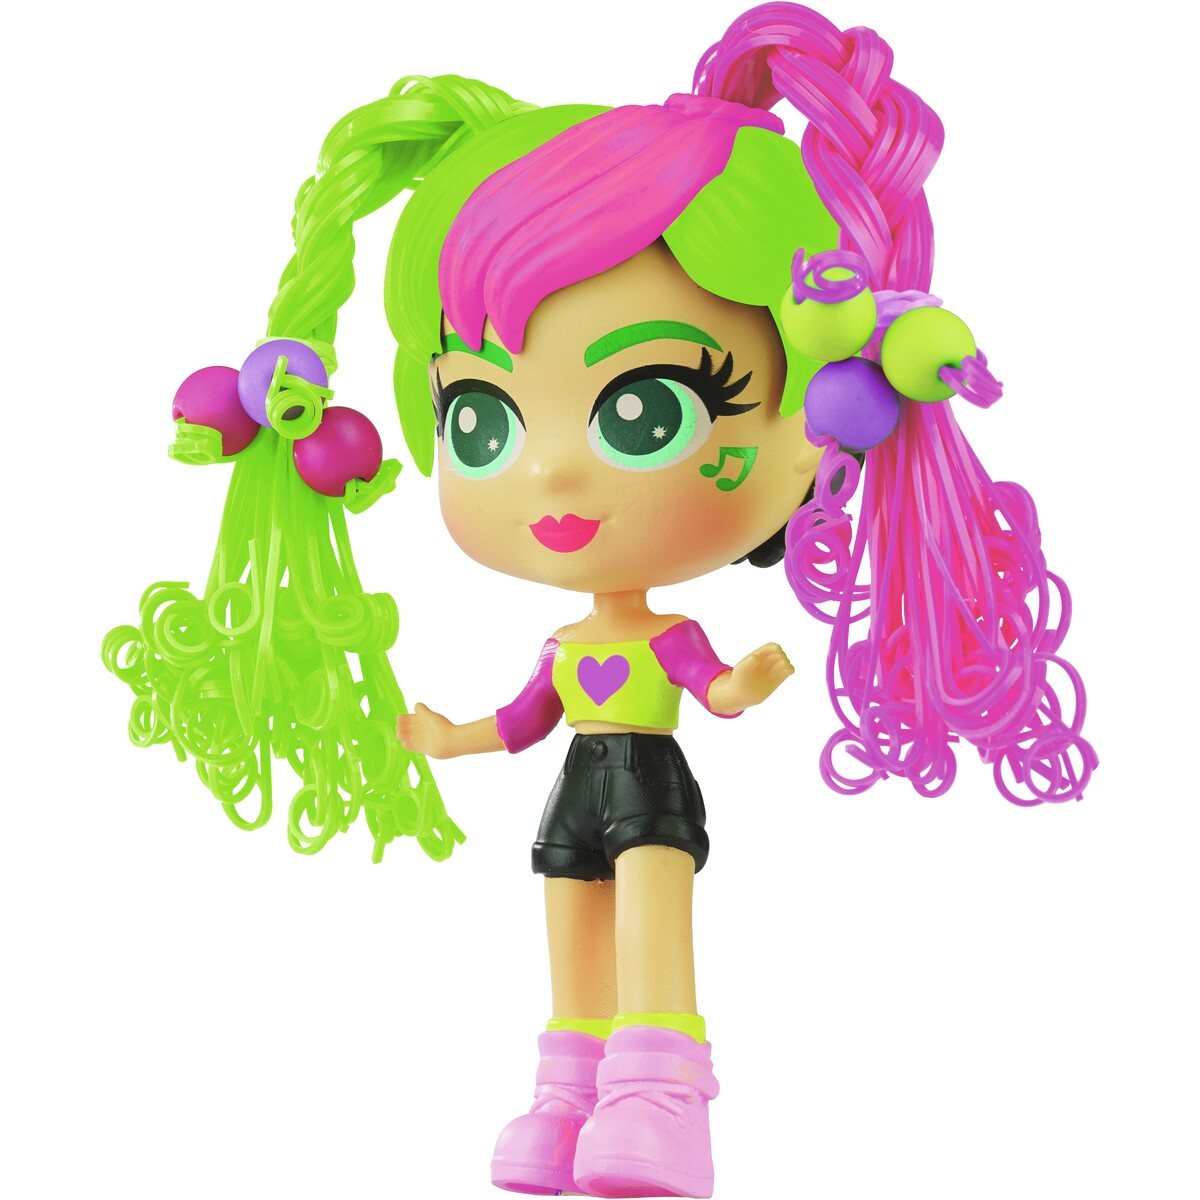 קרלי גירלז קלי – הבובה עם שיער הקסם ✨ חנות צעצועים משלוחים מצעצועי מורן